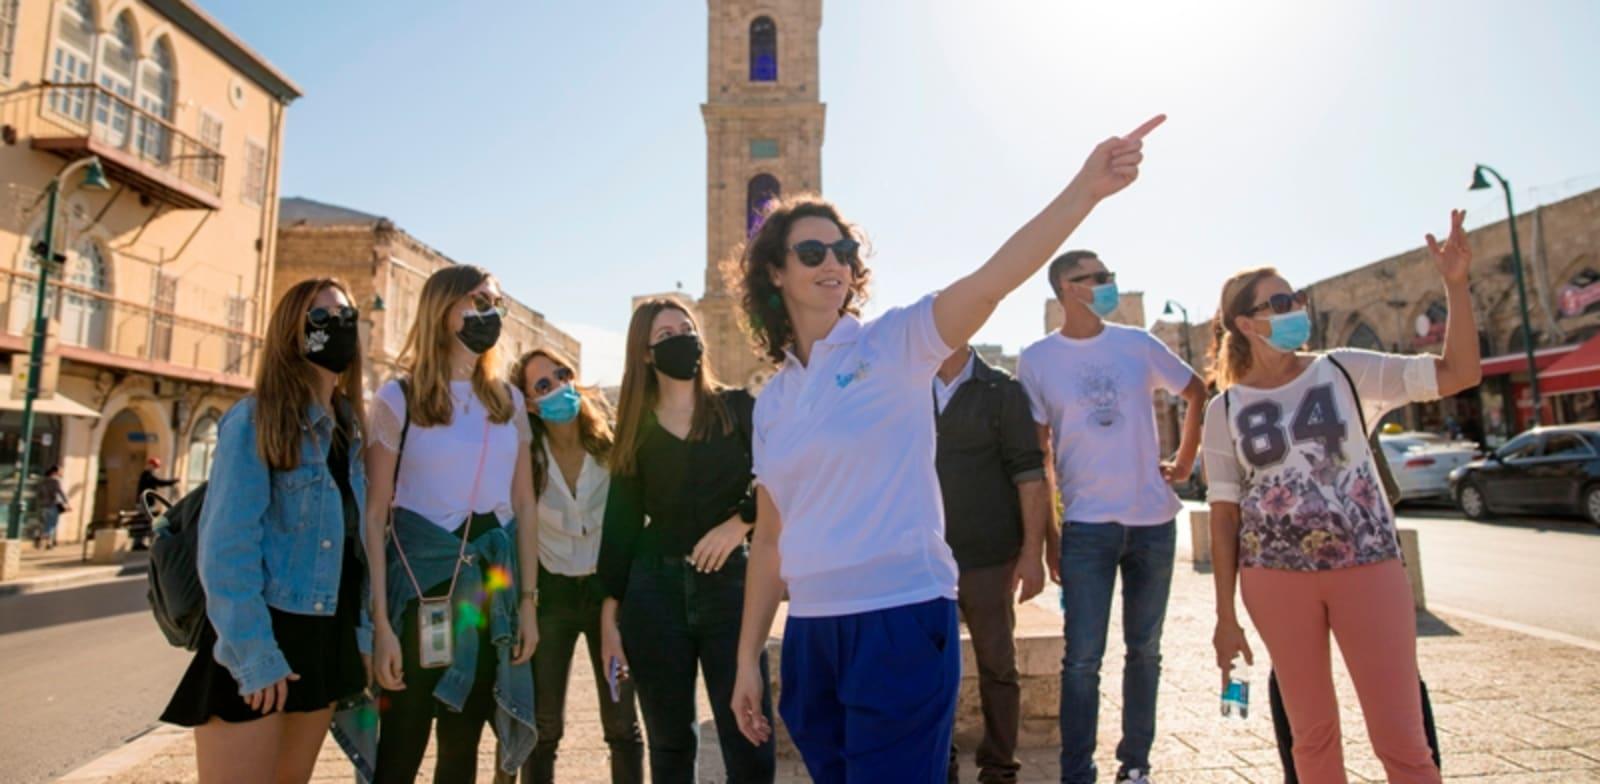 תיירים בישראל. מתי נראה אותם? / צילום: ריקי רחמן